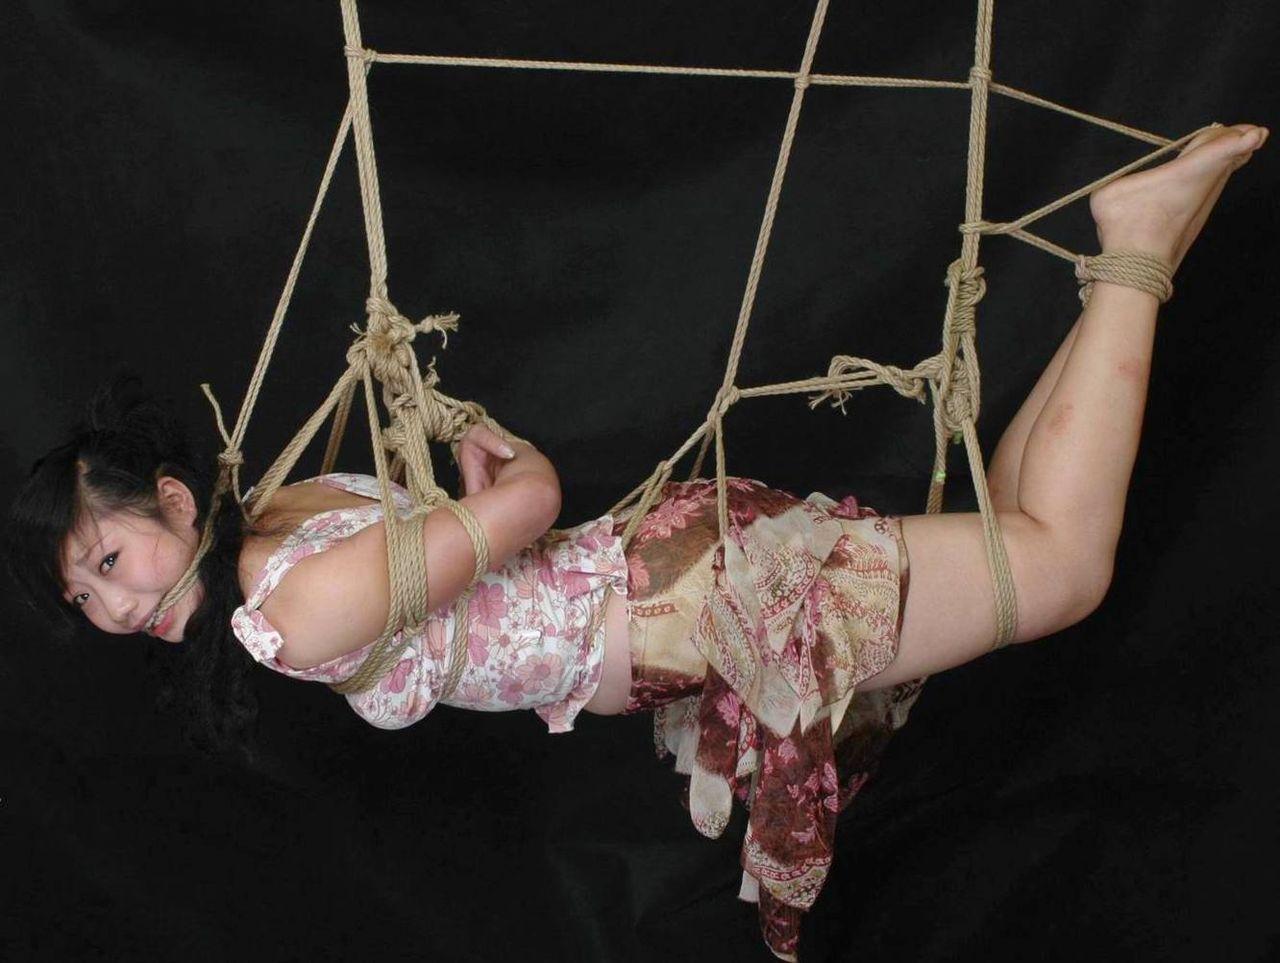 【緊縛エロ画像】ドMな彼女ができたときのために緊縛画像で勉強しておこう! 06